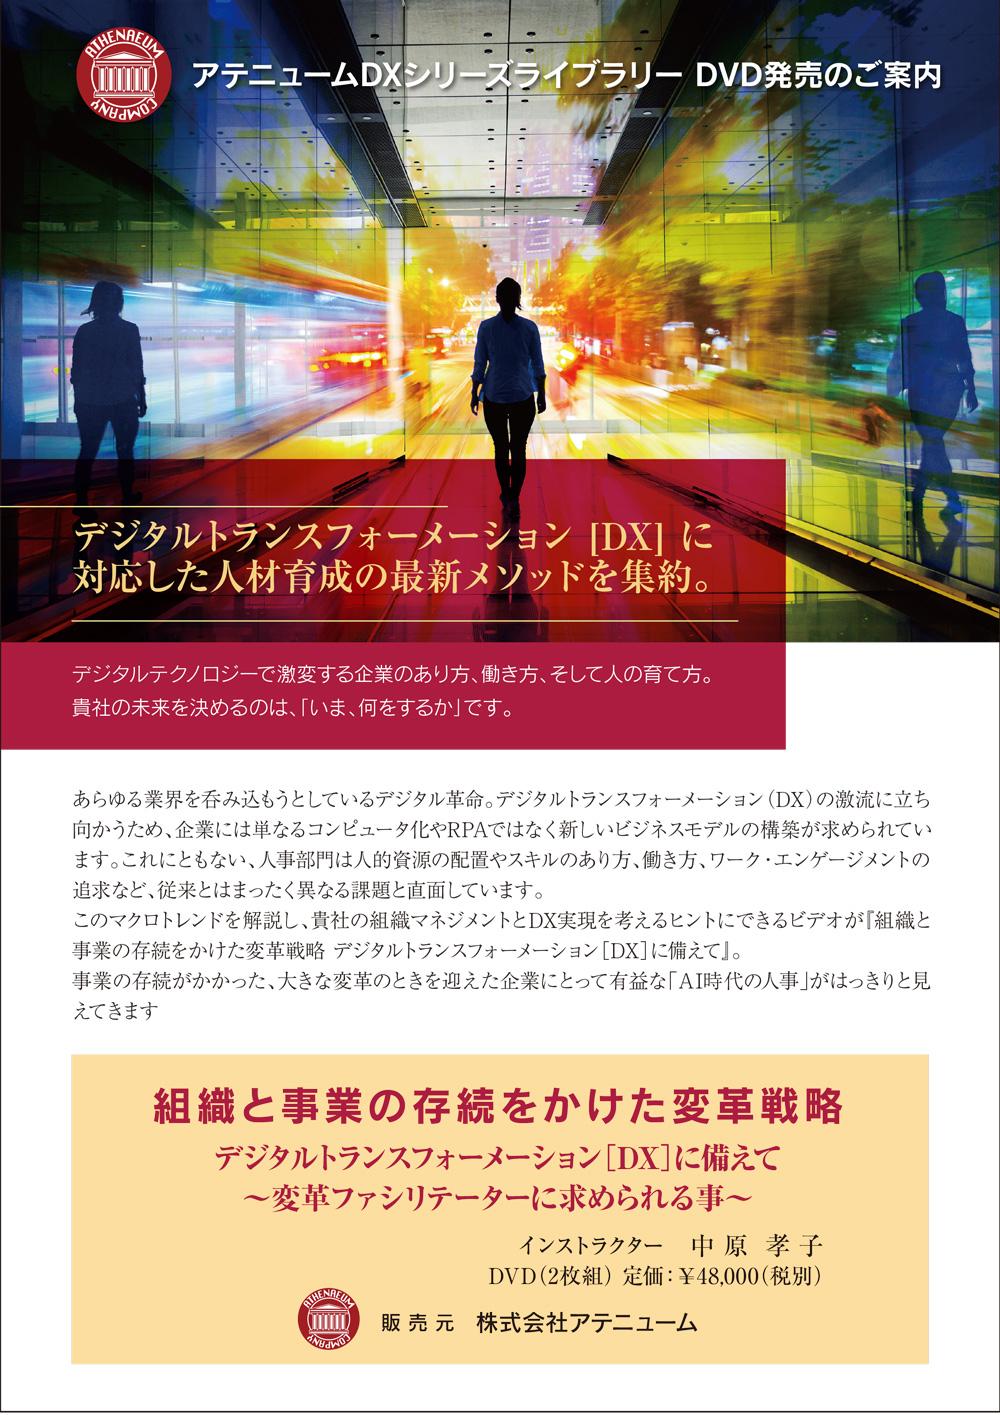 DX_DVD